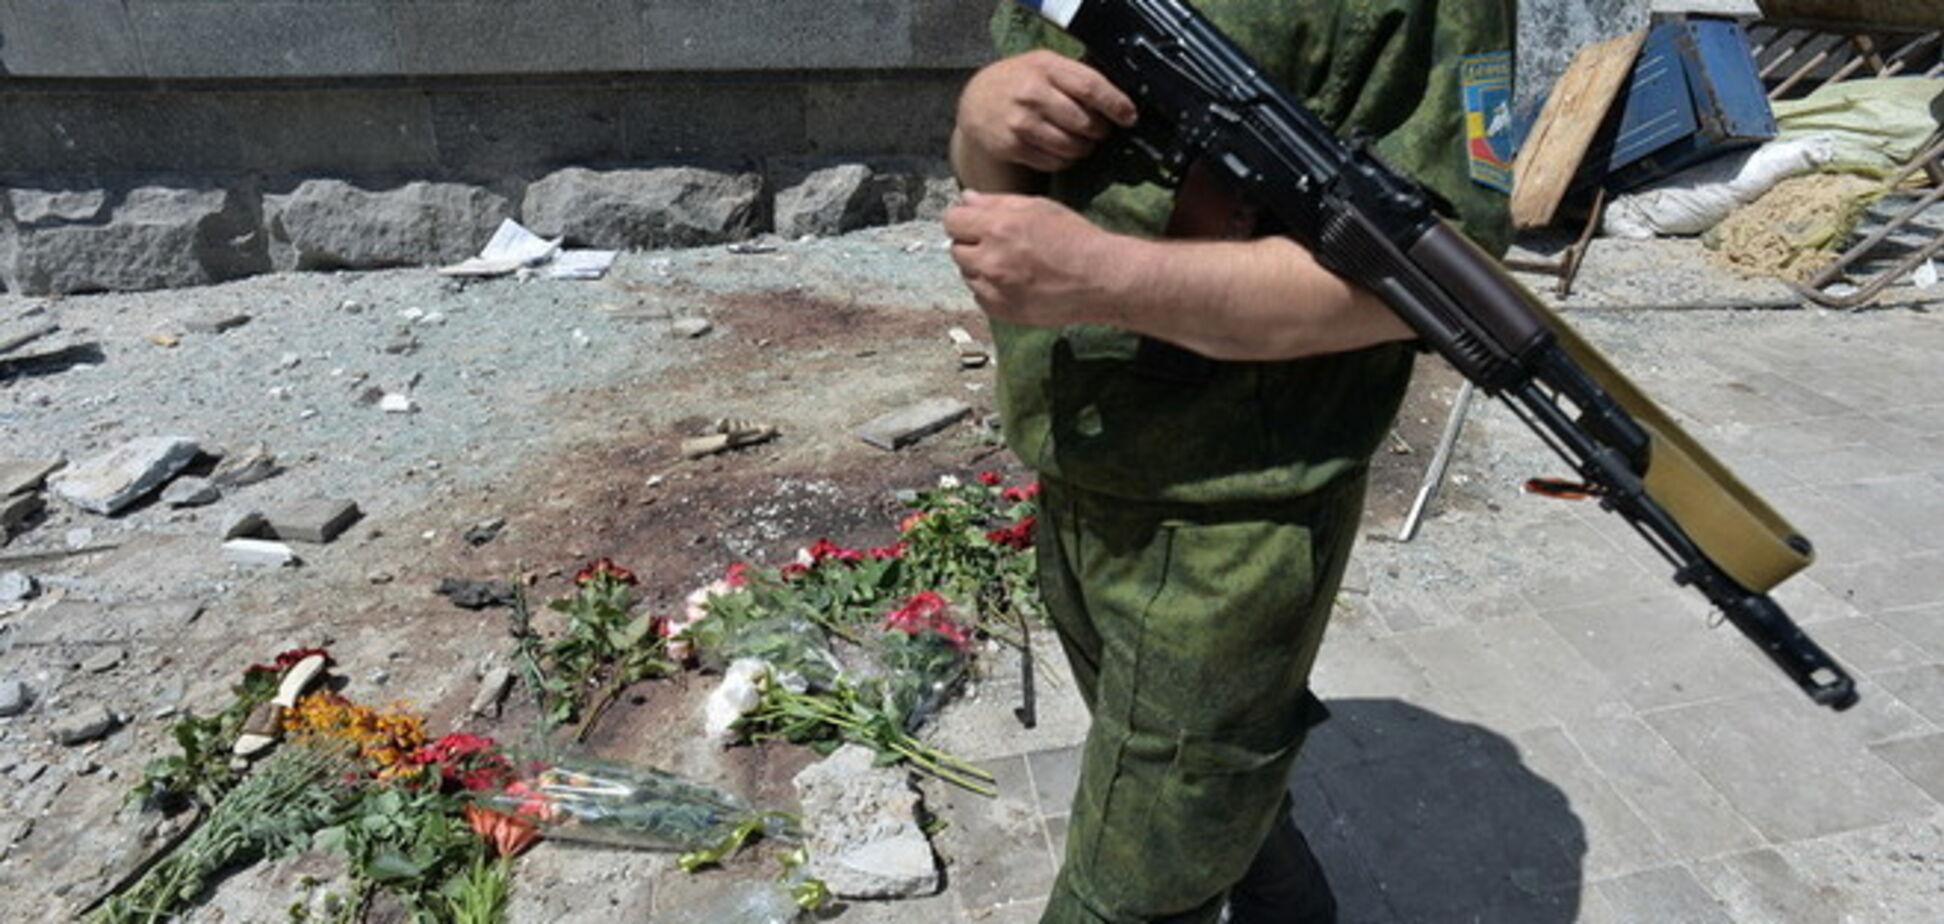 Під Луганськом досі тривають бої: загинули вже близько 40 осіб